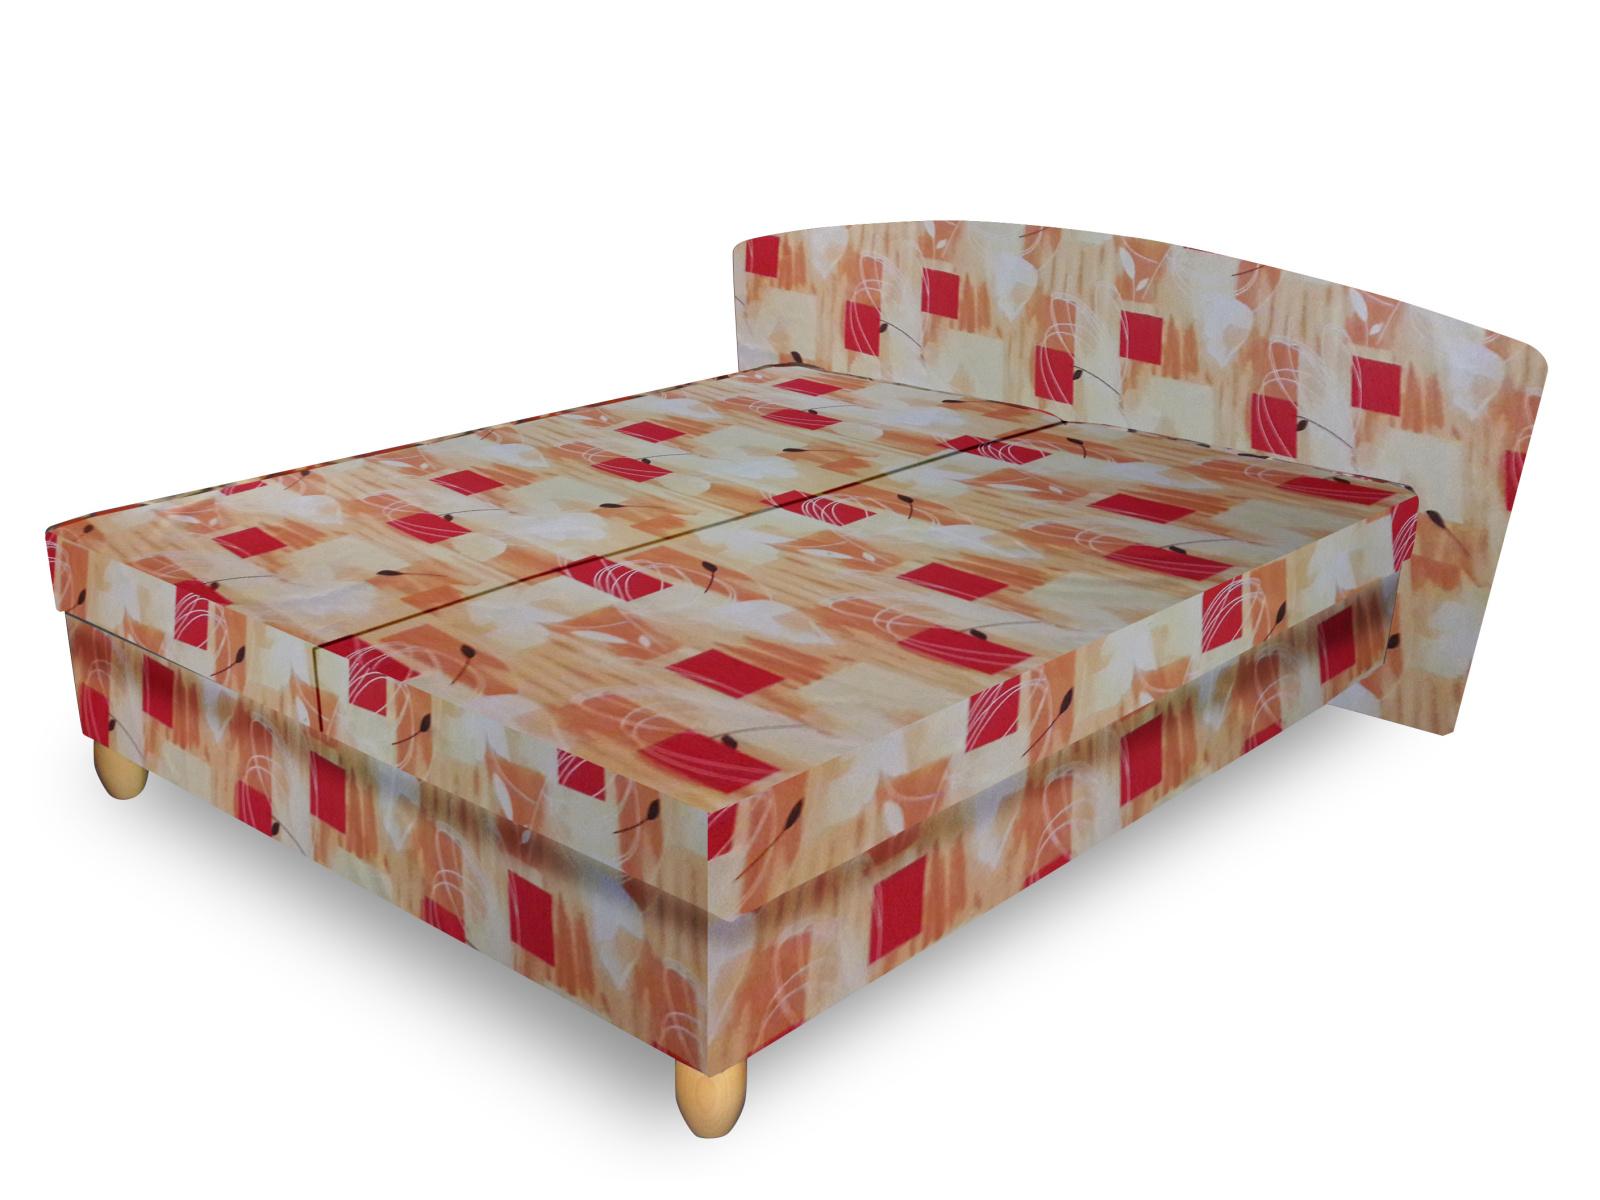 Smartshop Čalouněná postel NICOL 180x200 cm, oranžová látka